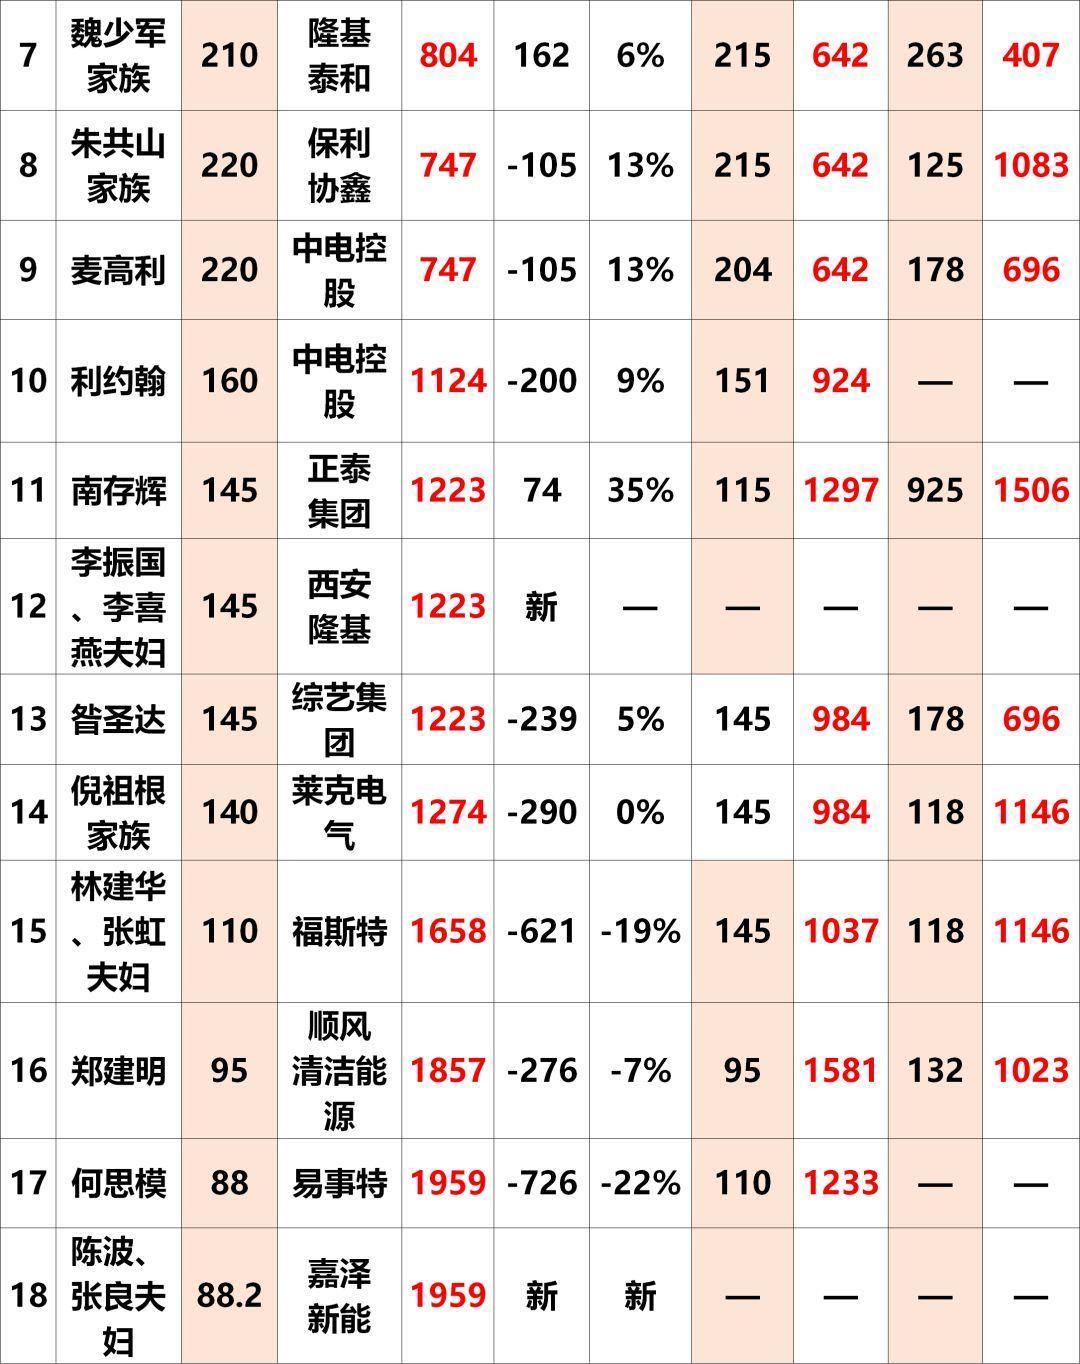 2018全球富豪榜出炉:光伏行业28人上榜!